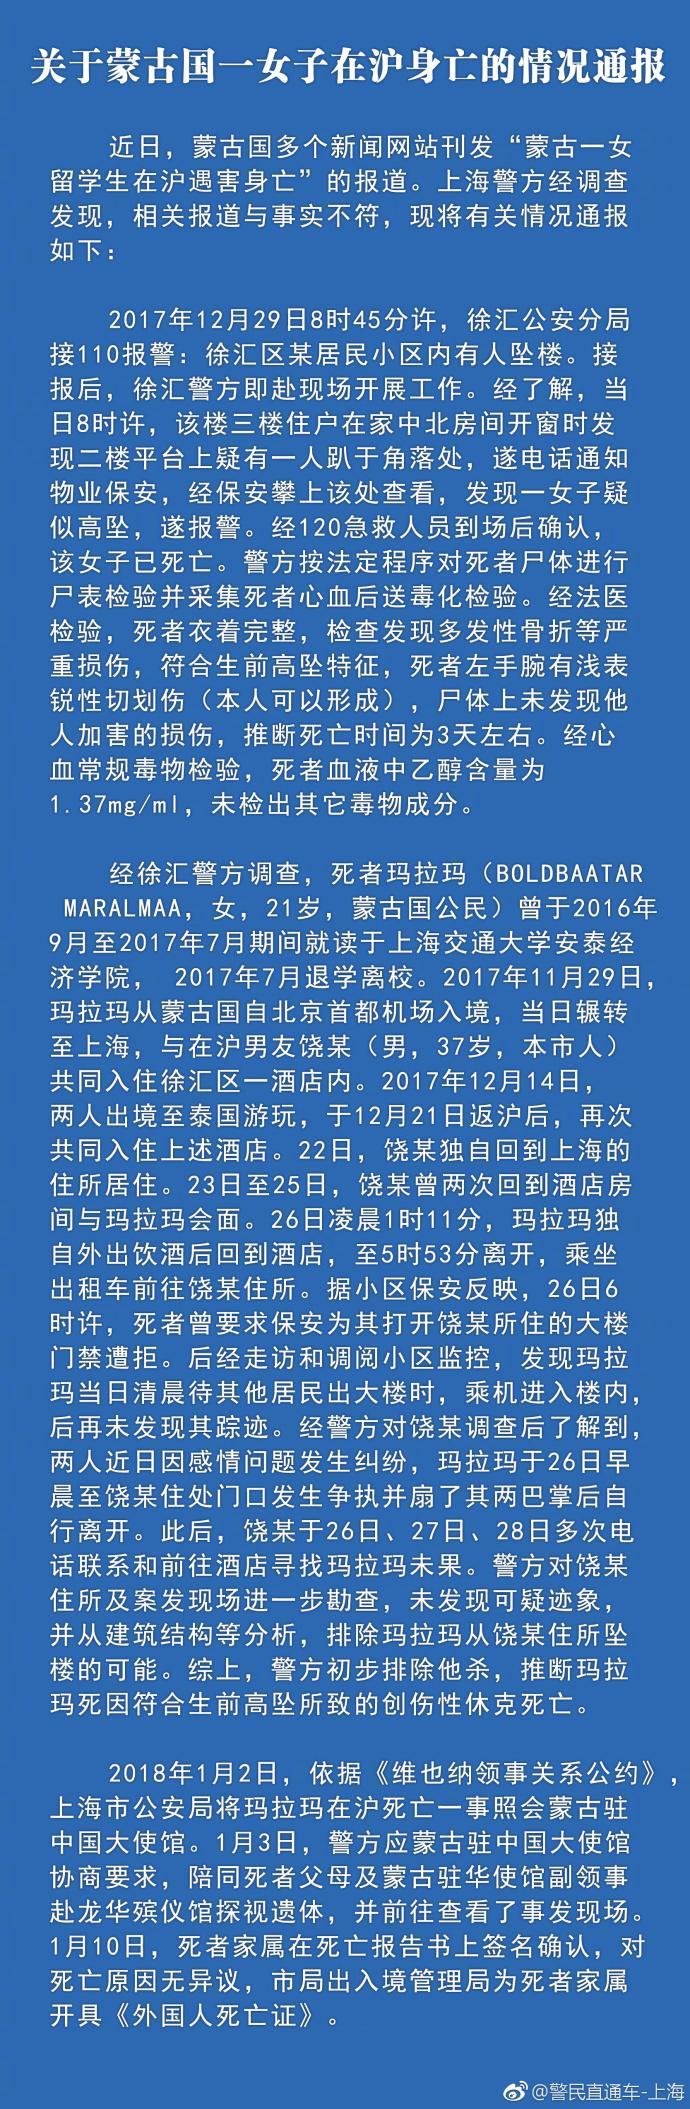 蒙古国女子在沪遇害?上海警方:初步排除他杀